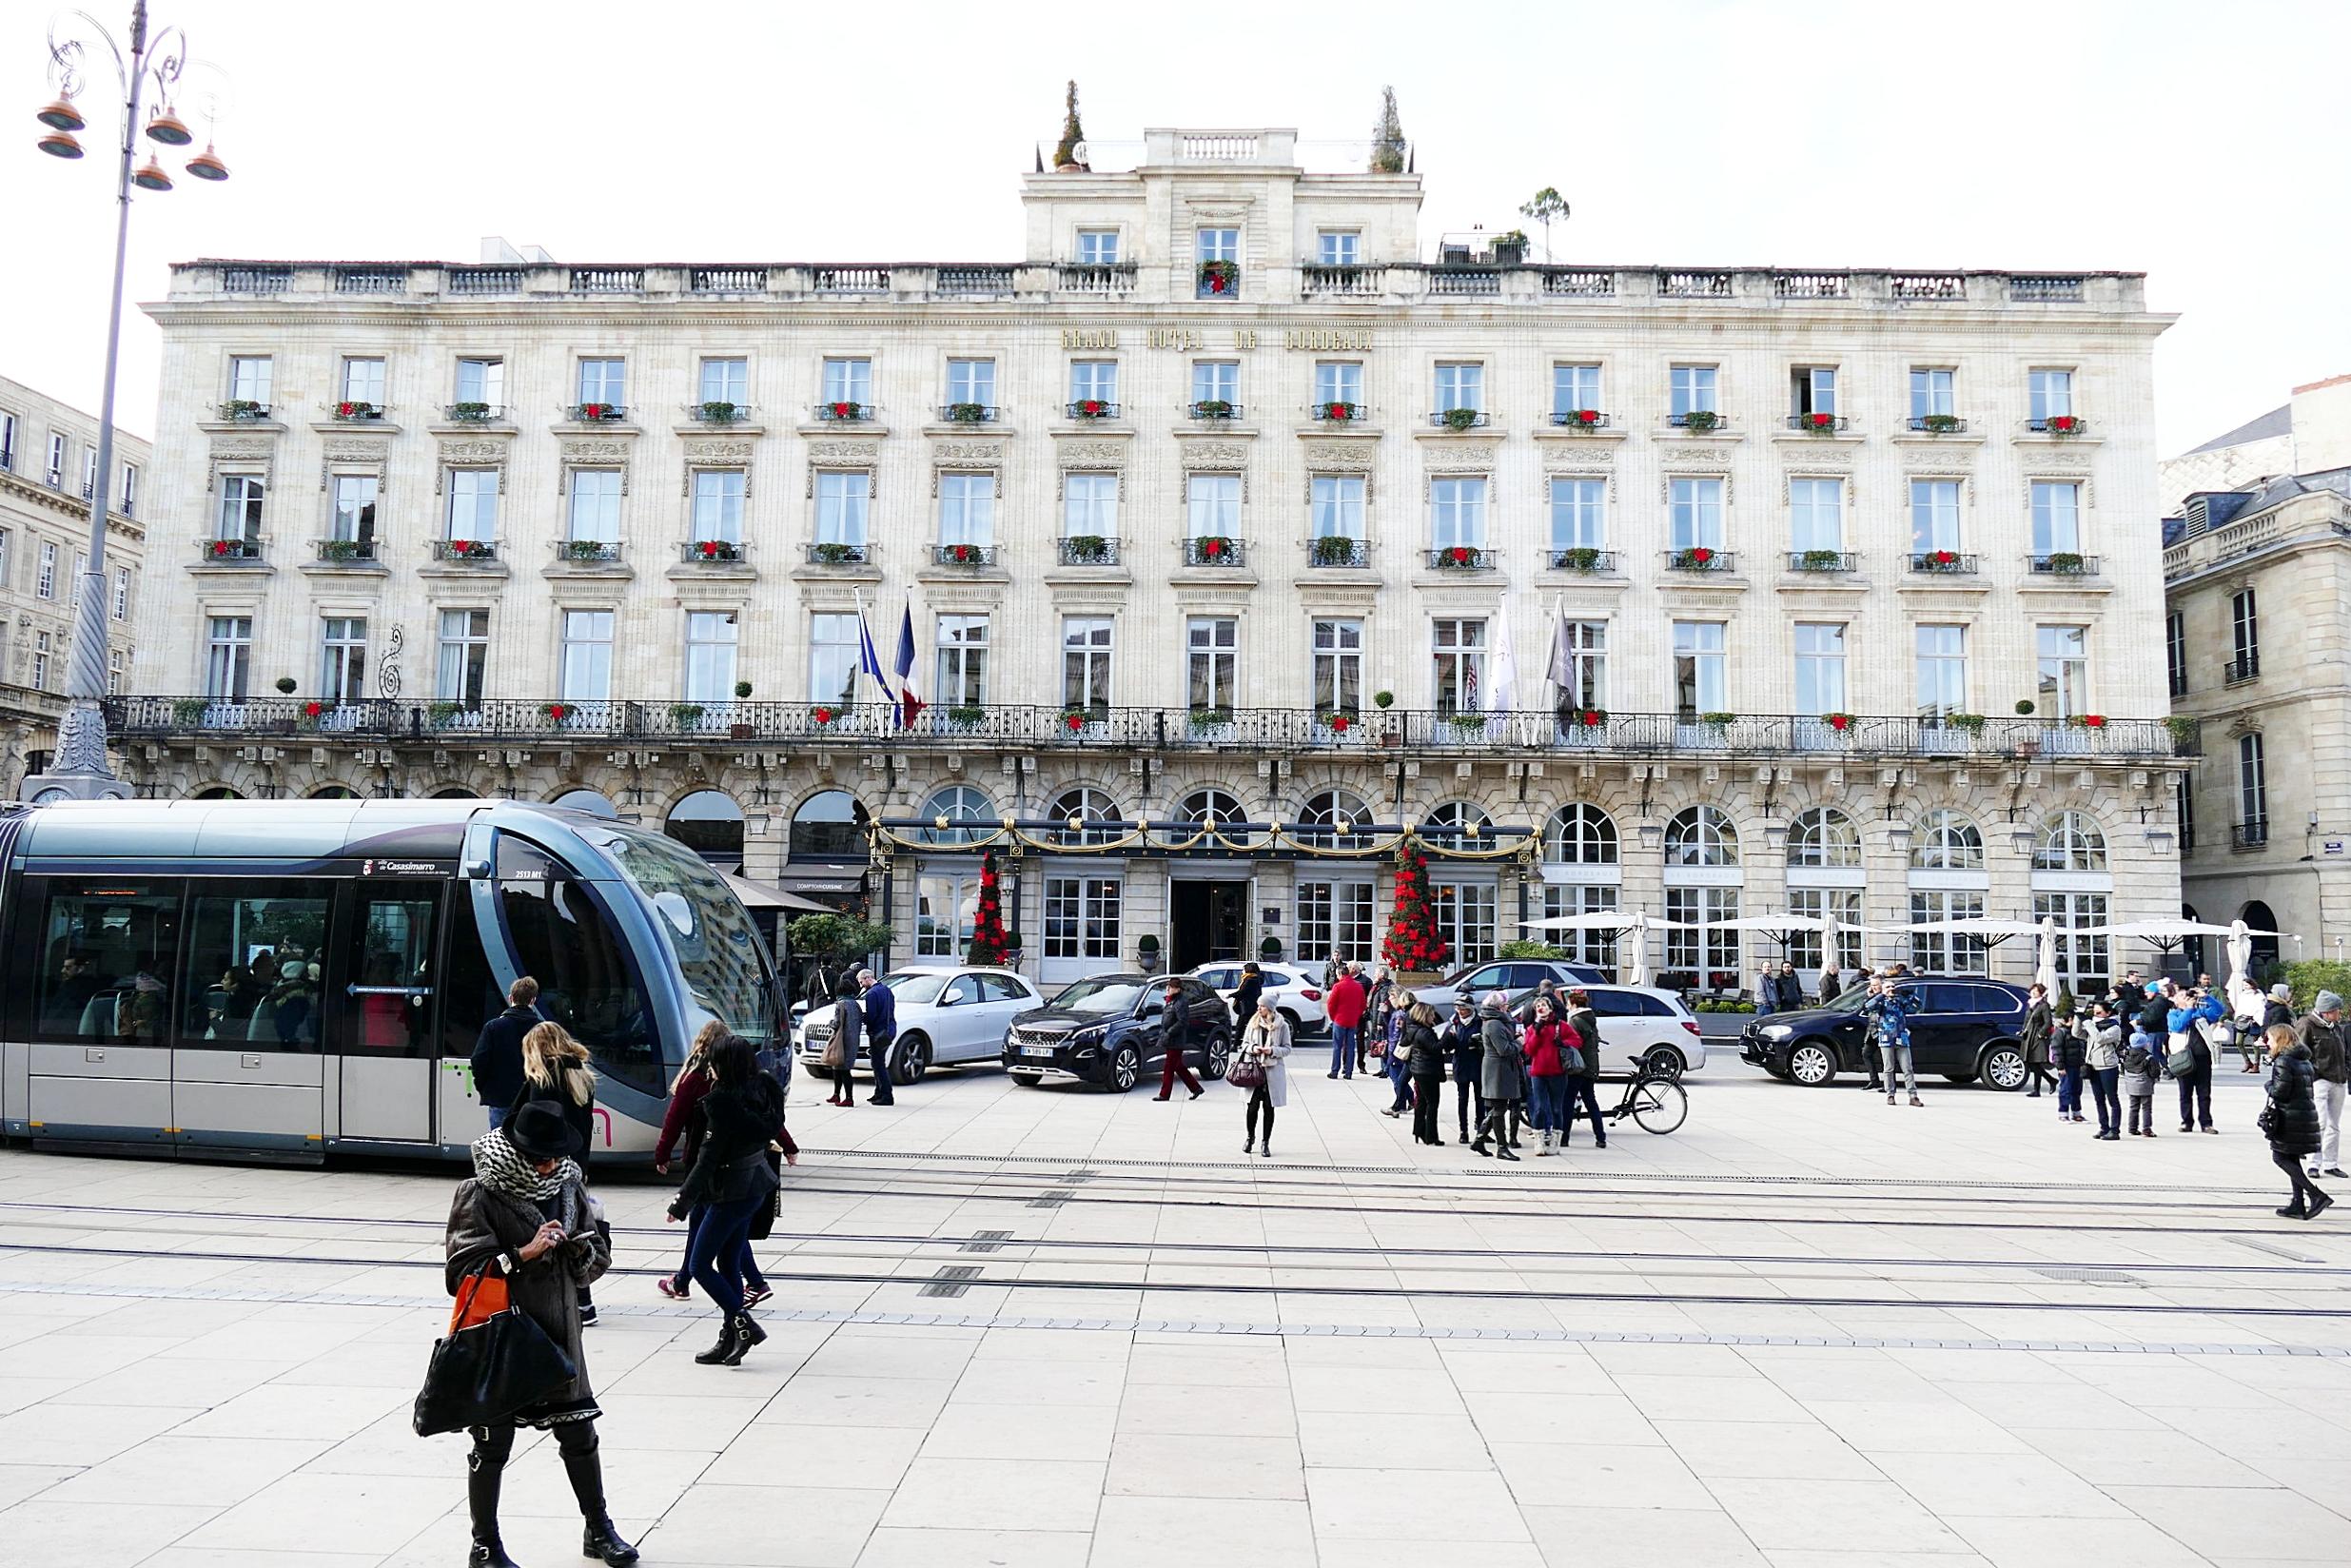 Le Grand Hôtel, Place de La Comédie, Bordeaux